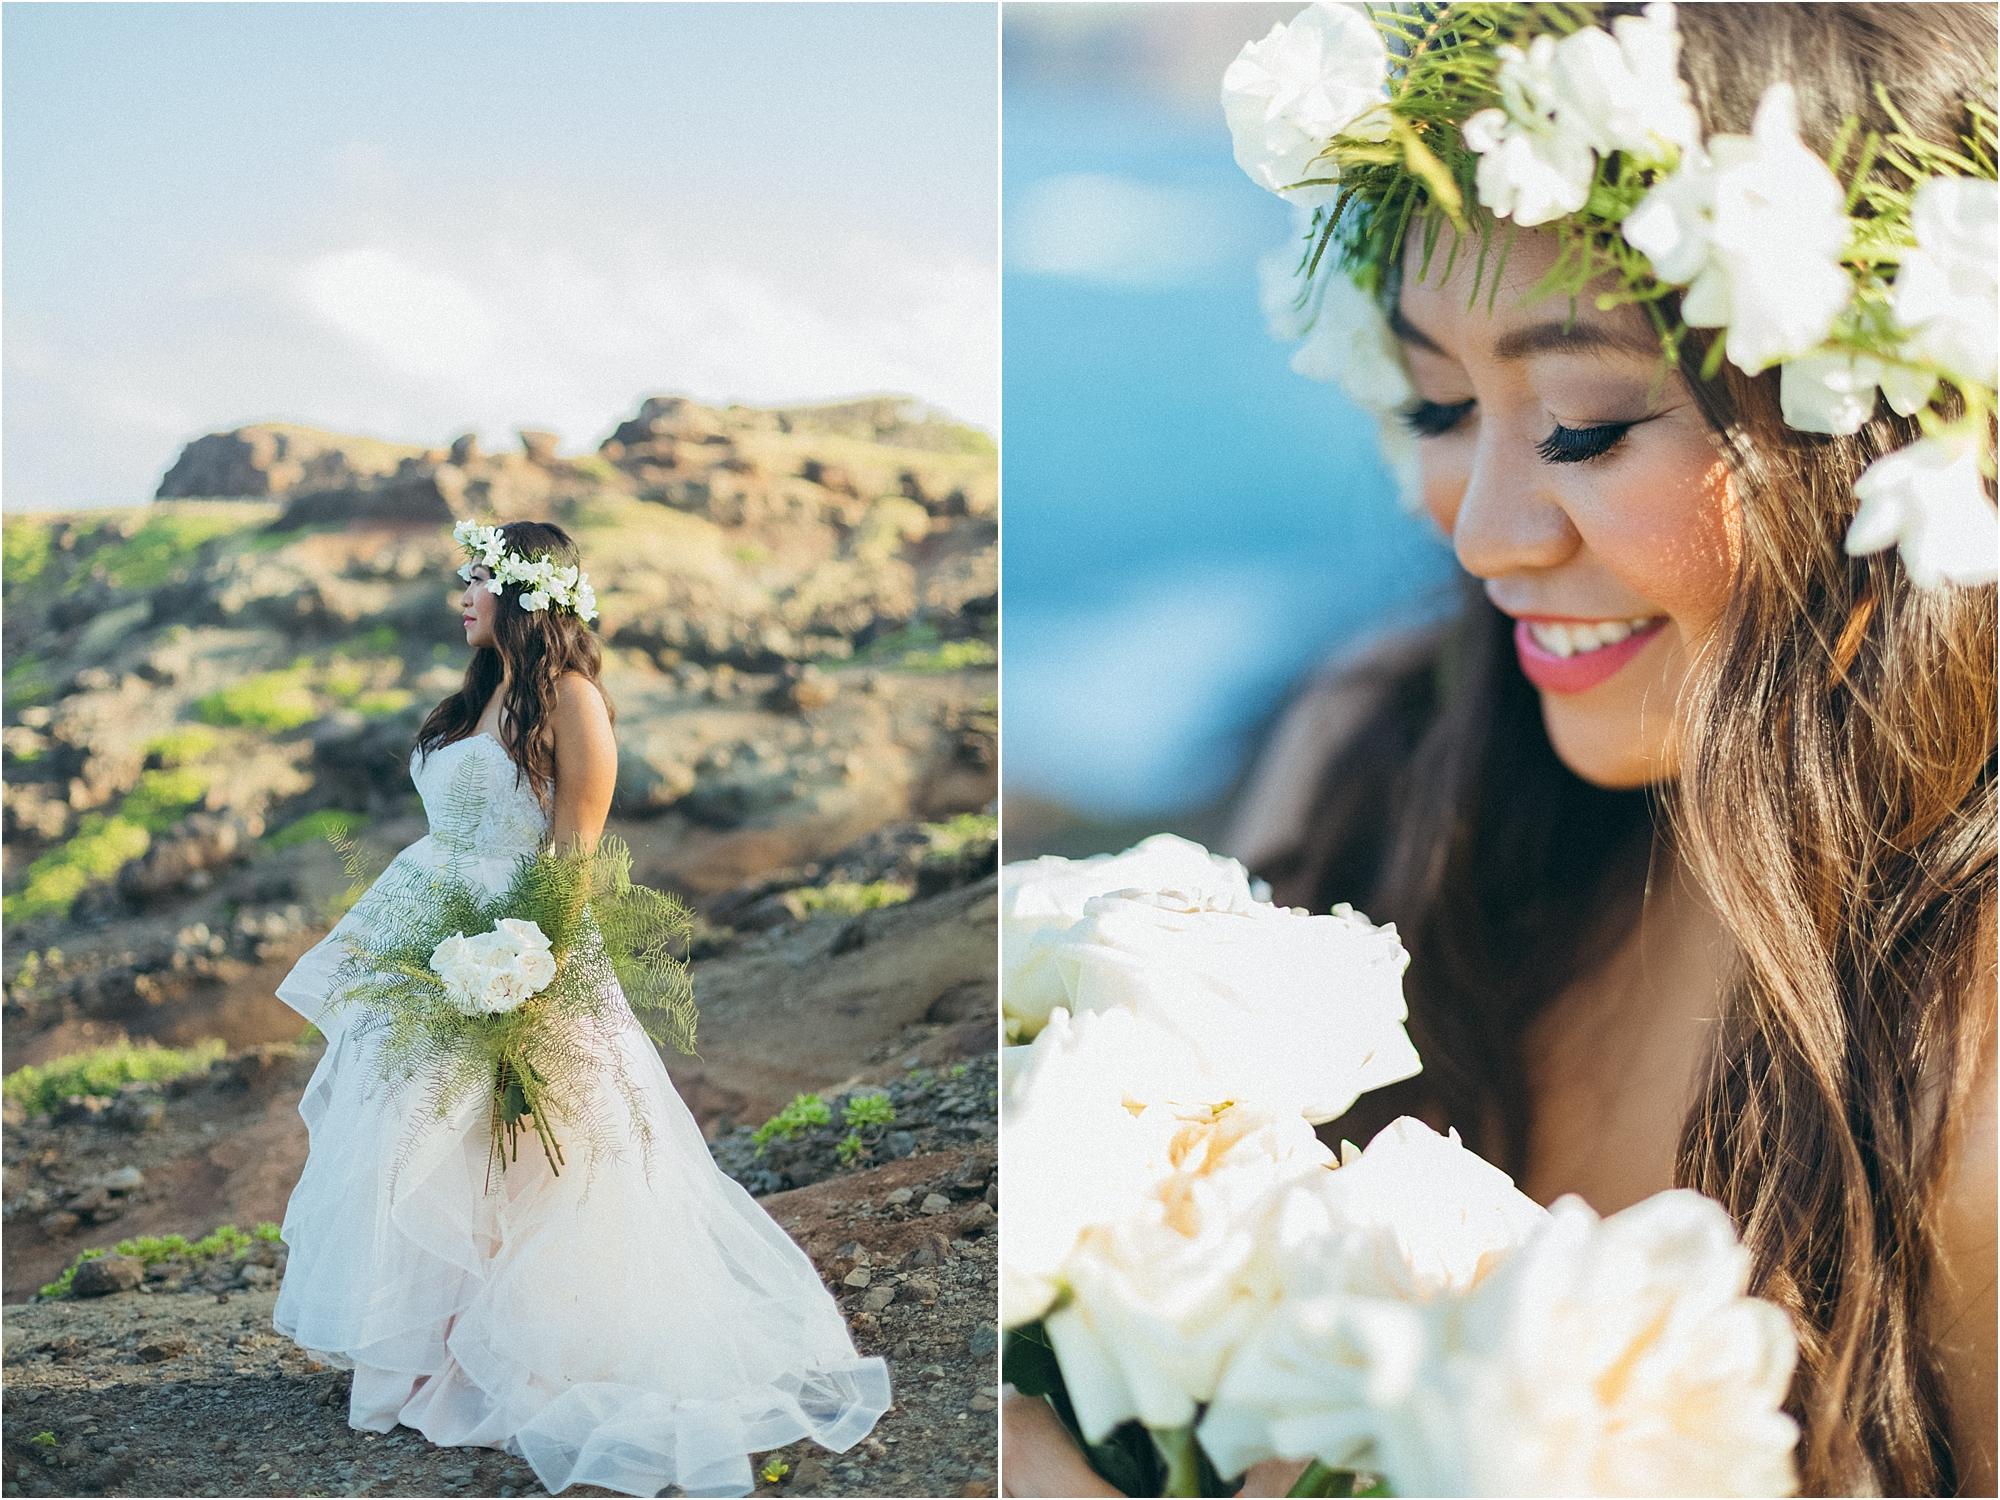 angie-diaz-photography-maui-wedding-nakalele-blowhole_0004.jpg